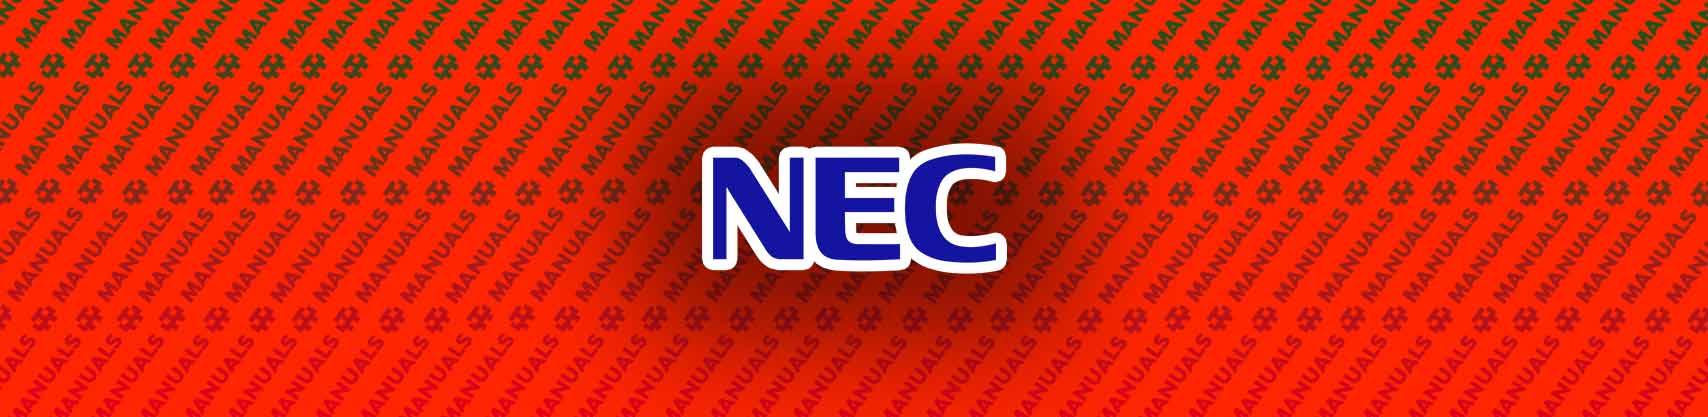 NEC SV8100 Manual